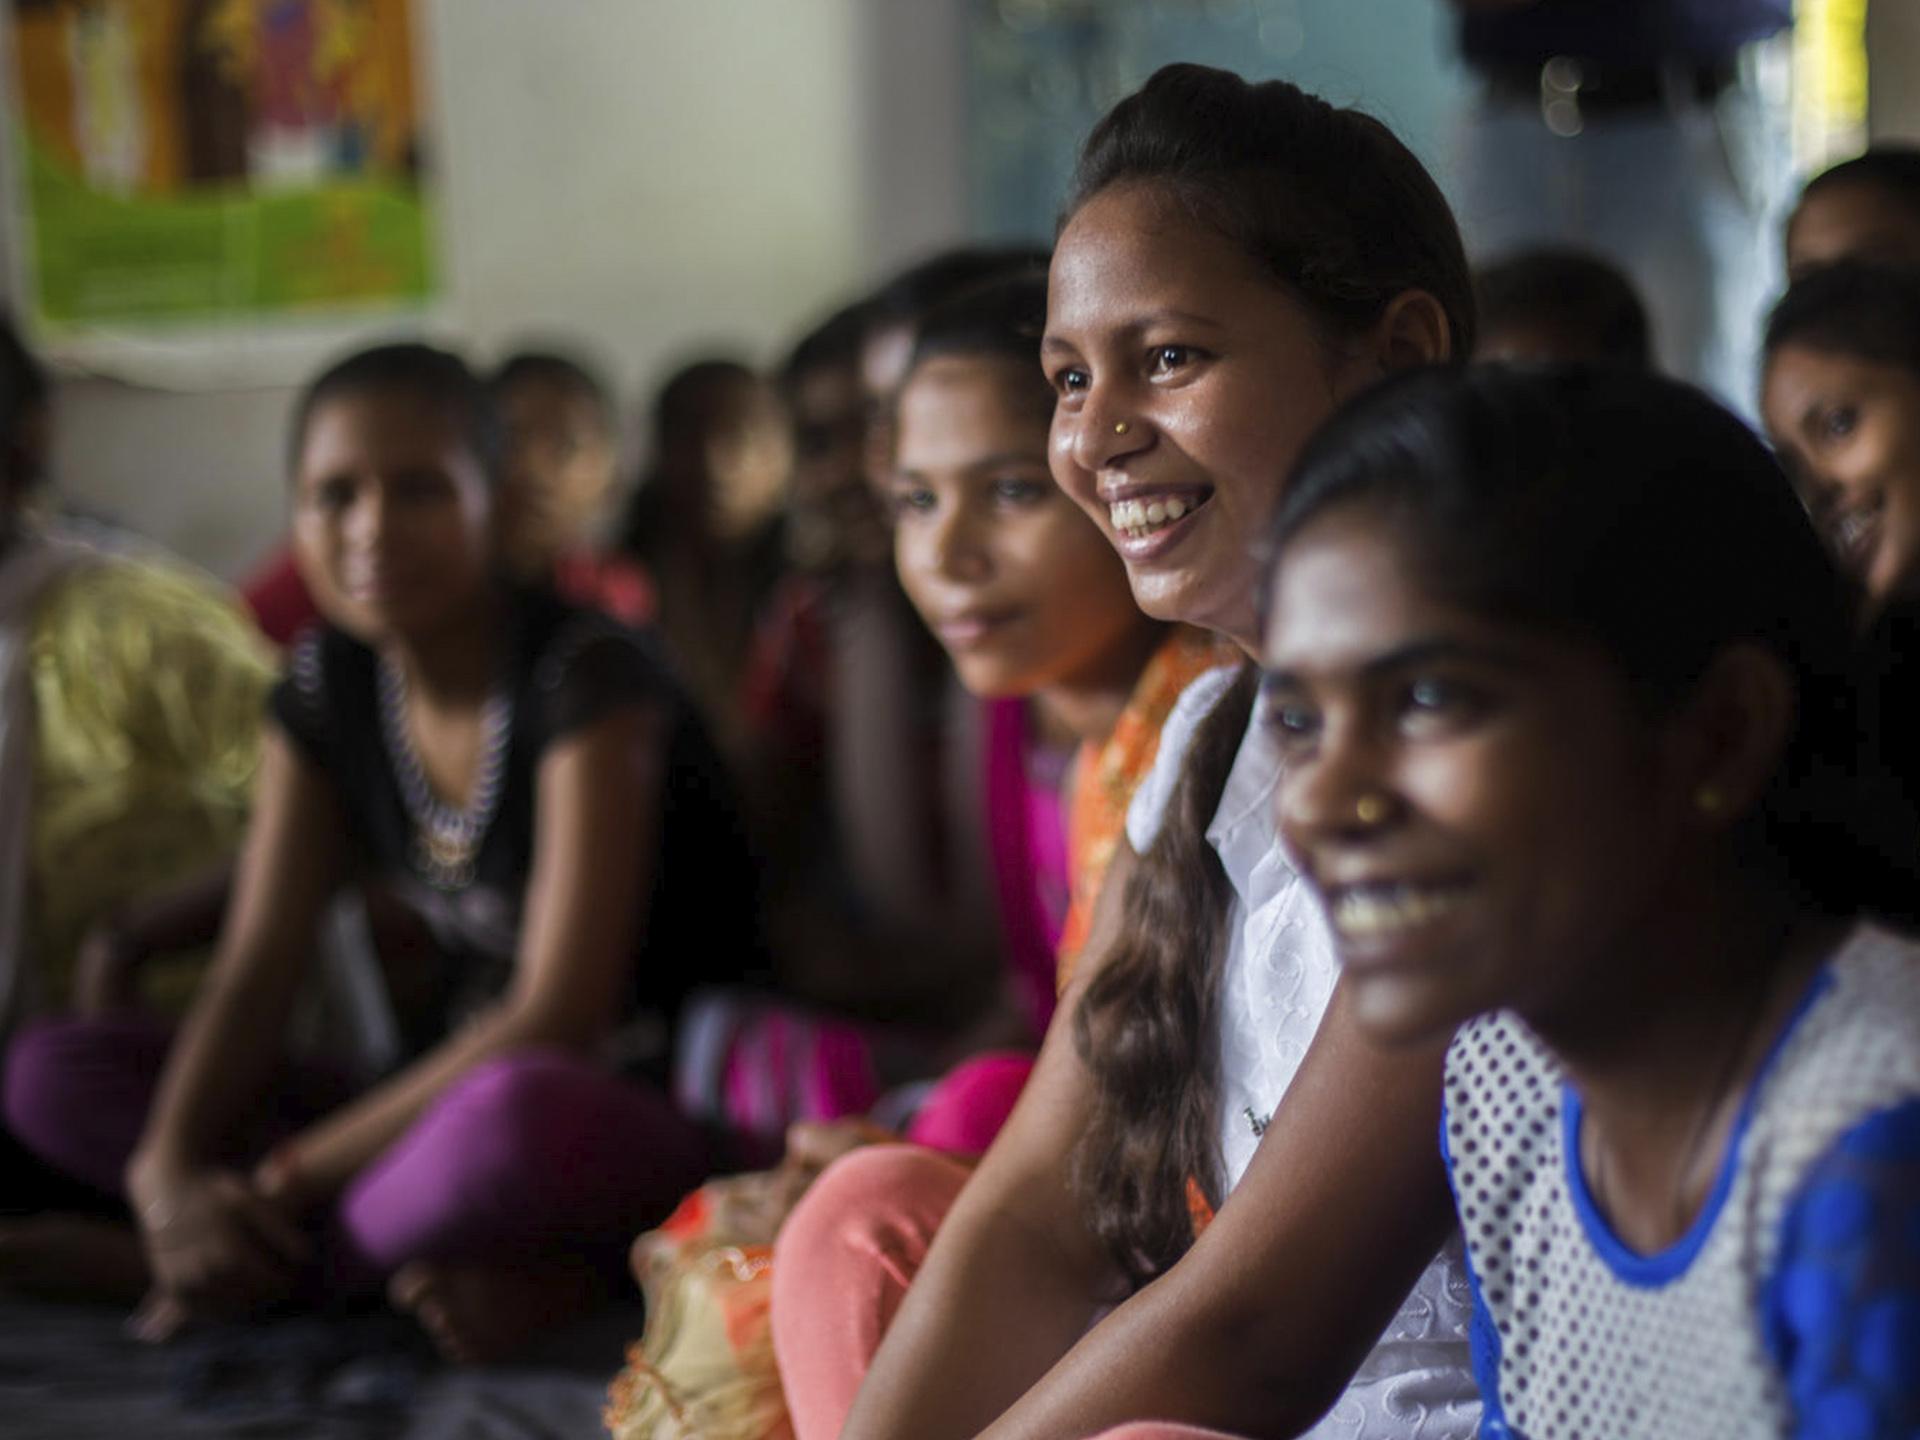 Together we can end gender-based violence in schools